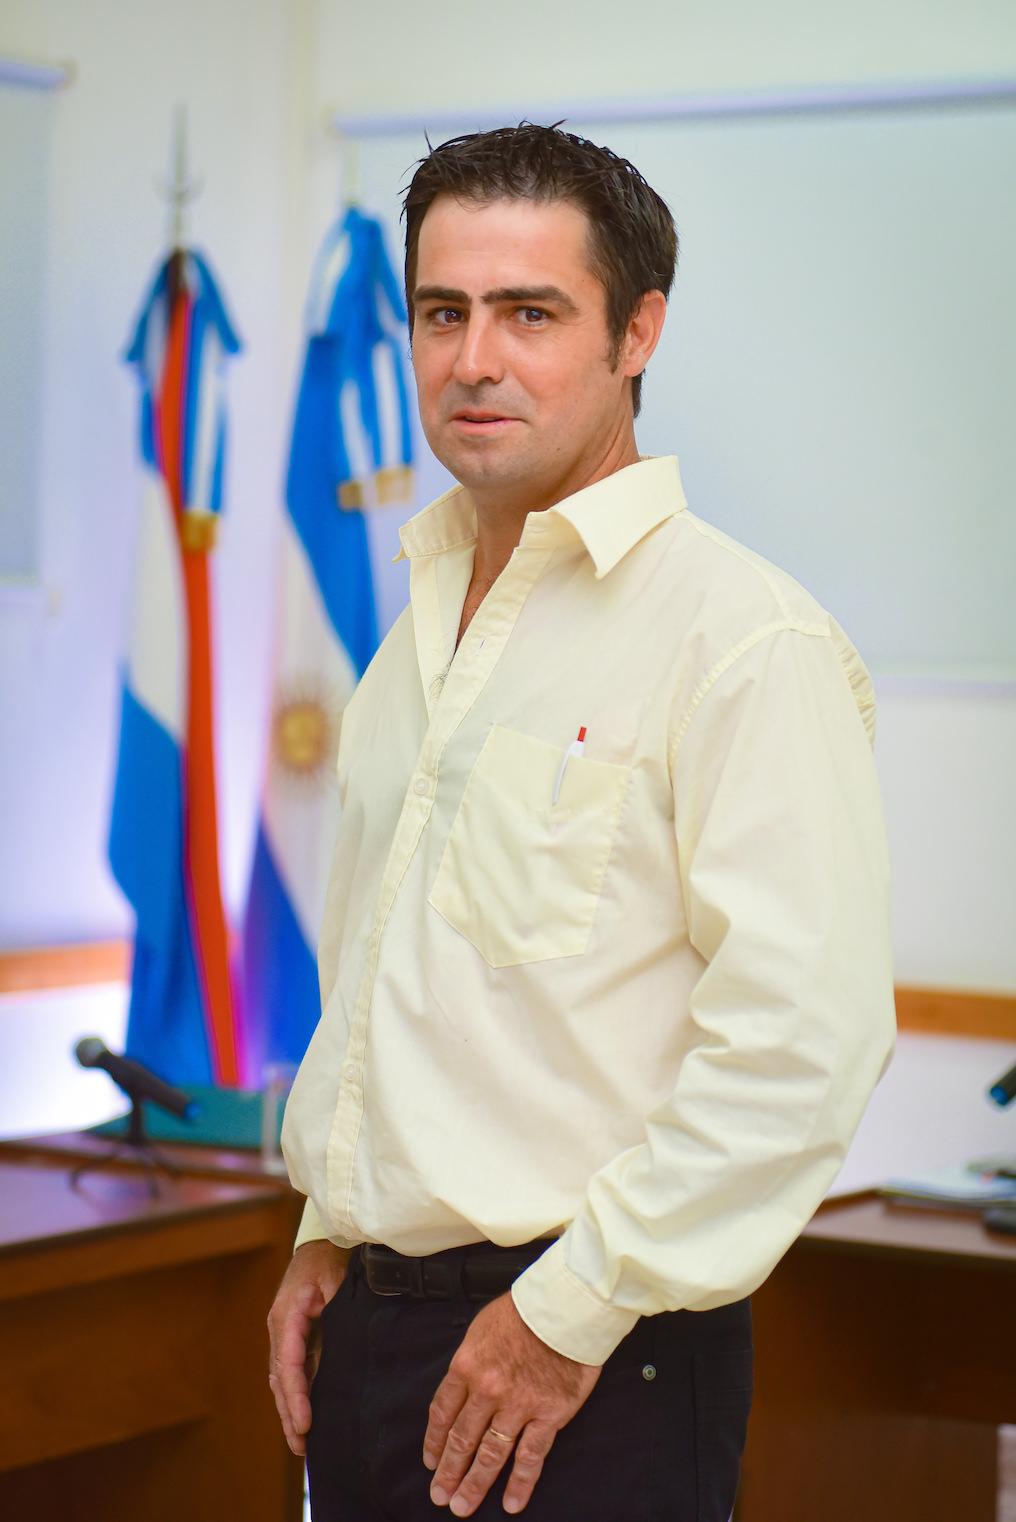 José Martín Daniel